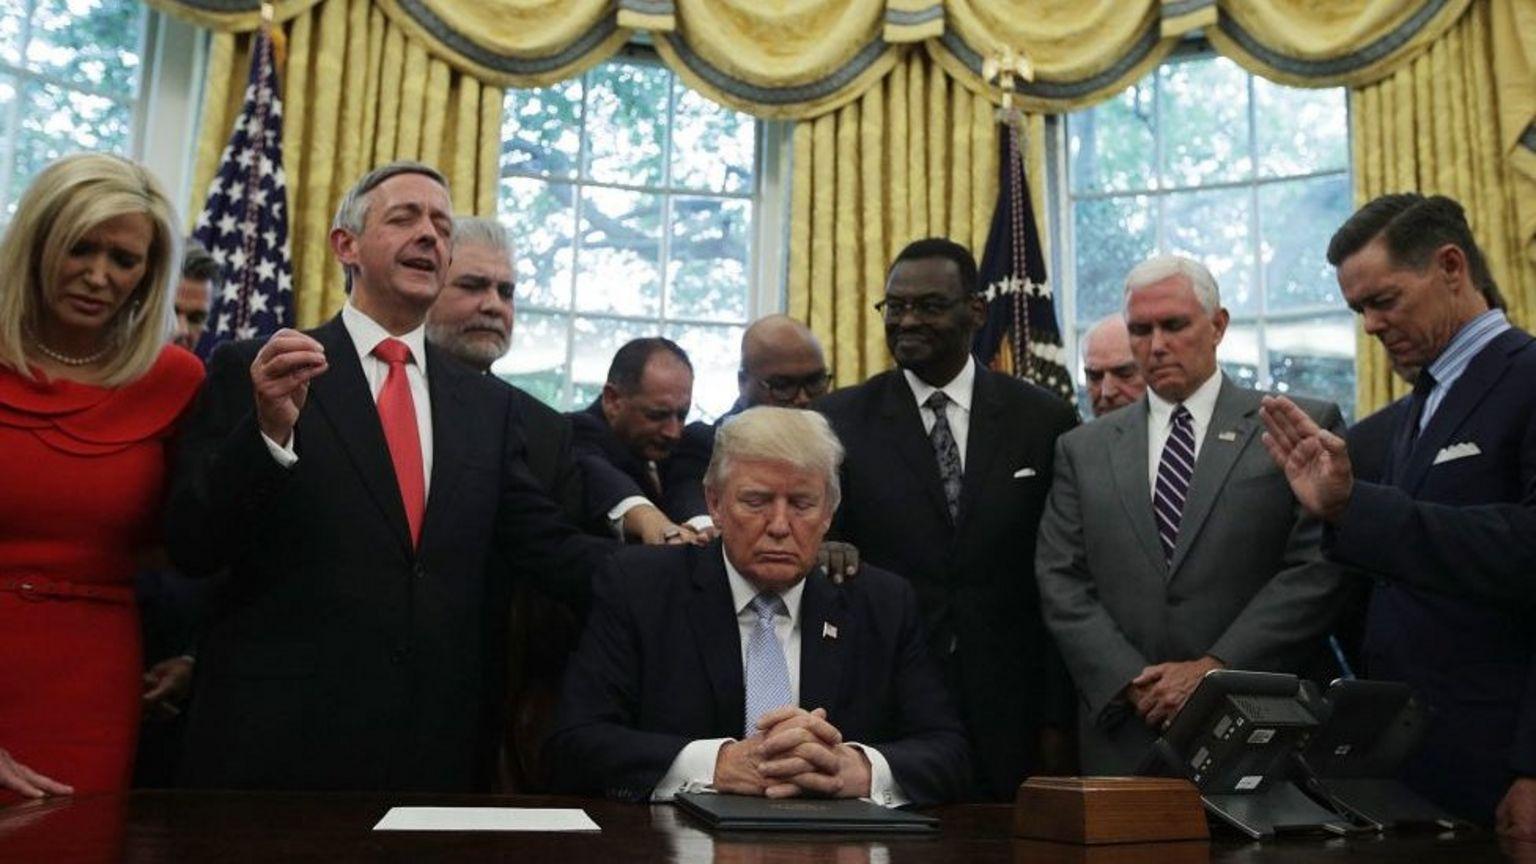 Donald Trump, o vice Mike Pence e líderes religiosos fazendo uma prece no salão oval